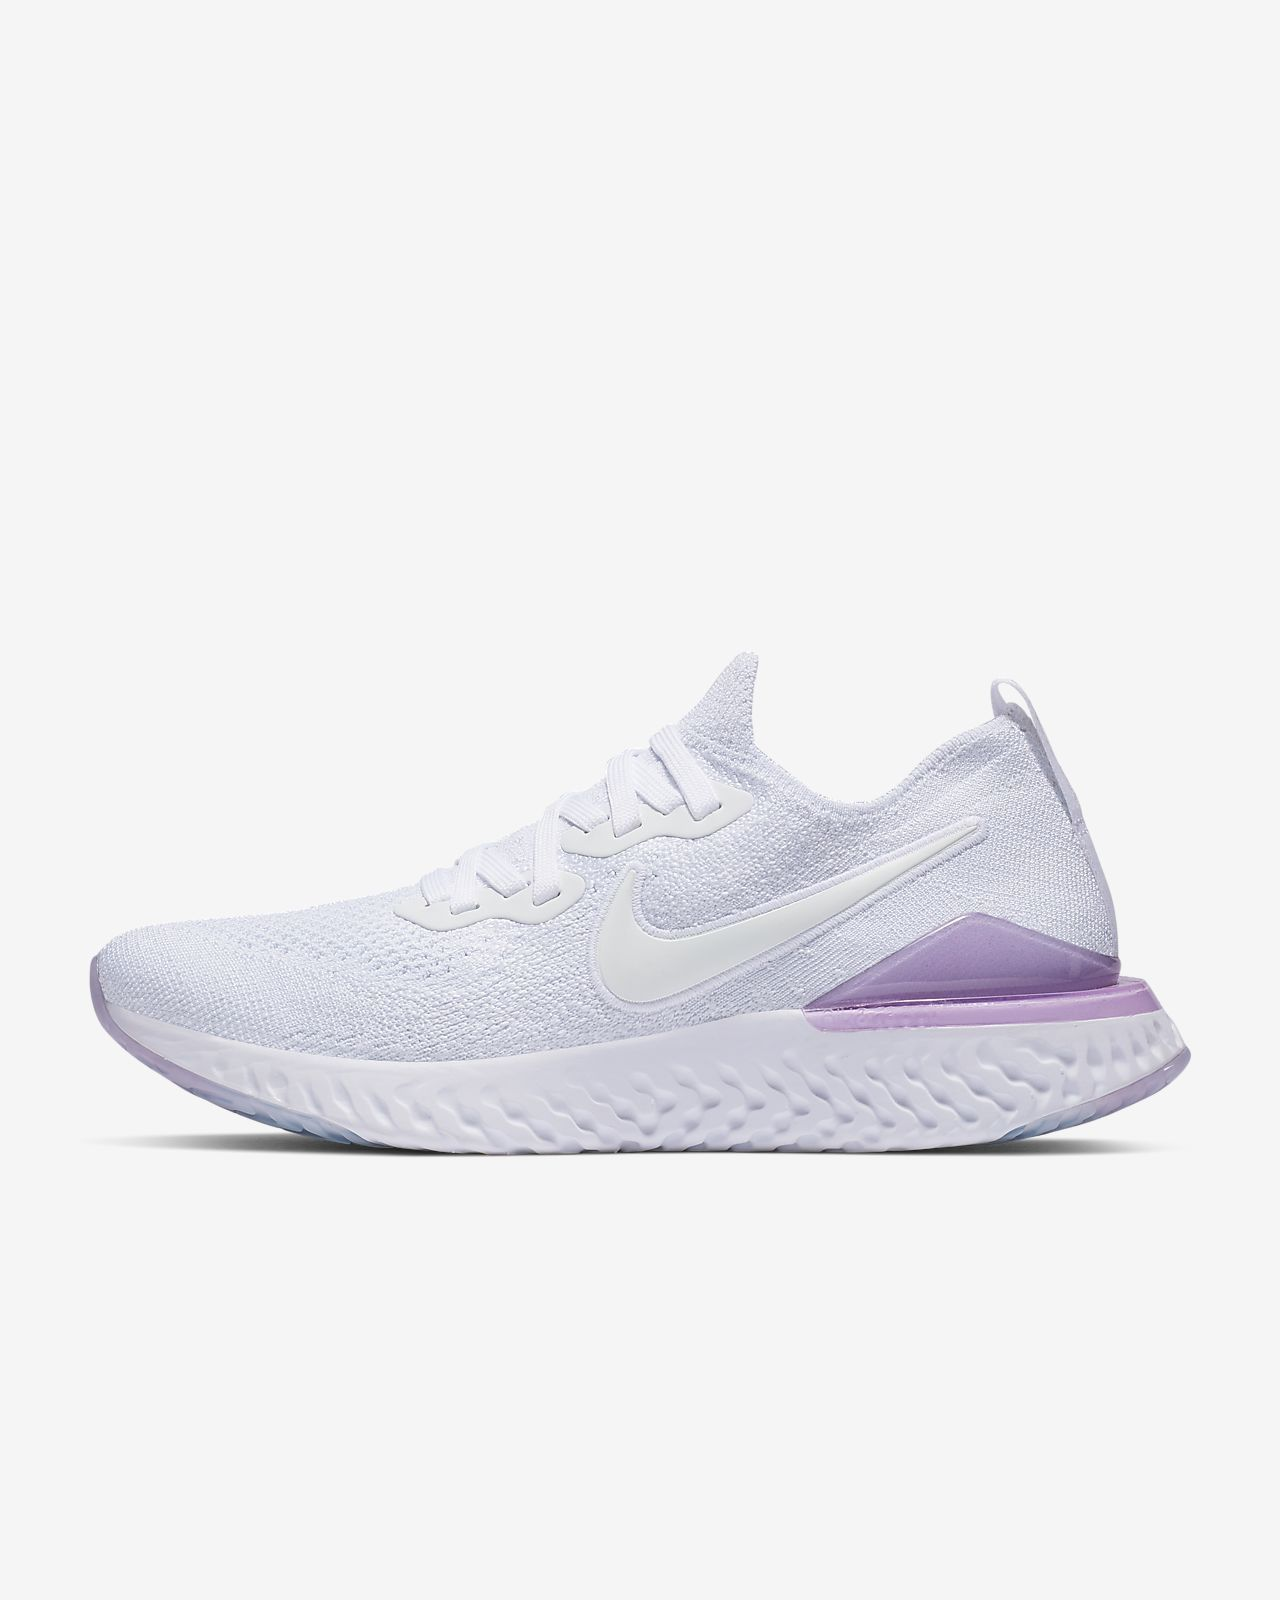 f1bf0d370b Nike Women's Running Shoe Epic React Flyknit 2 in 2019   Tennis ...